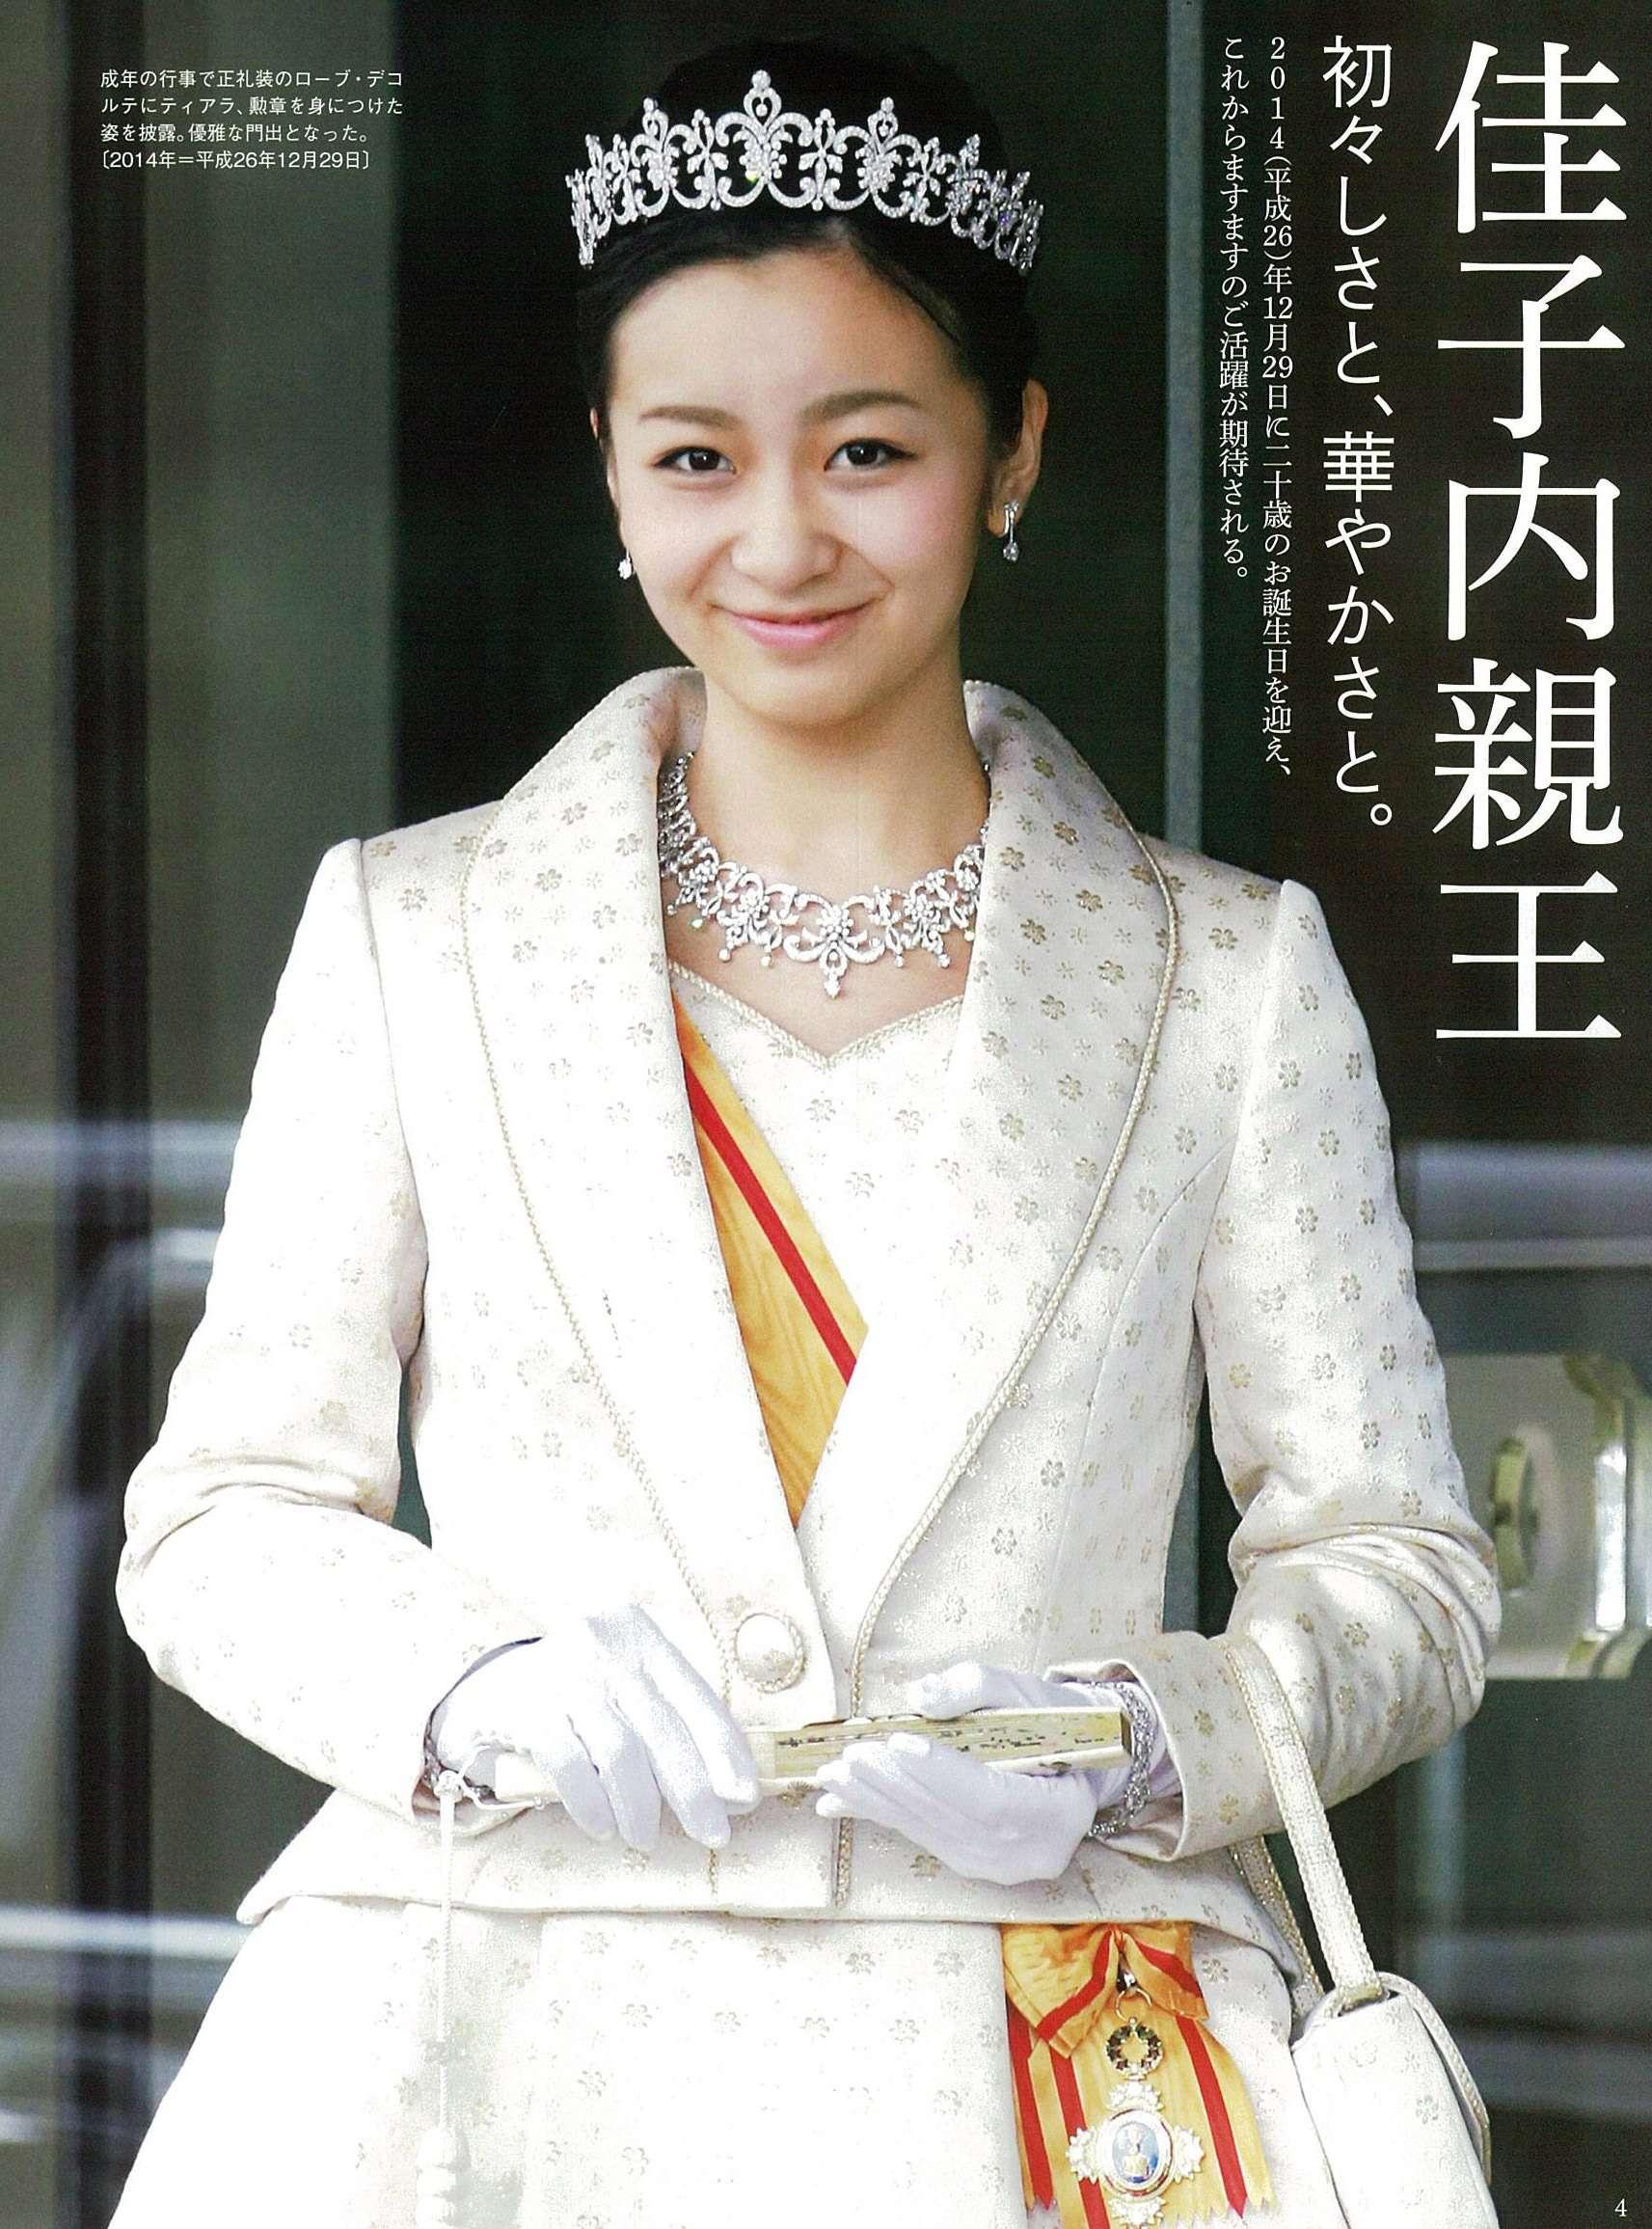 佳子さまのエロ画像